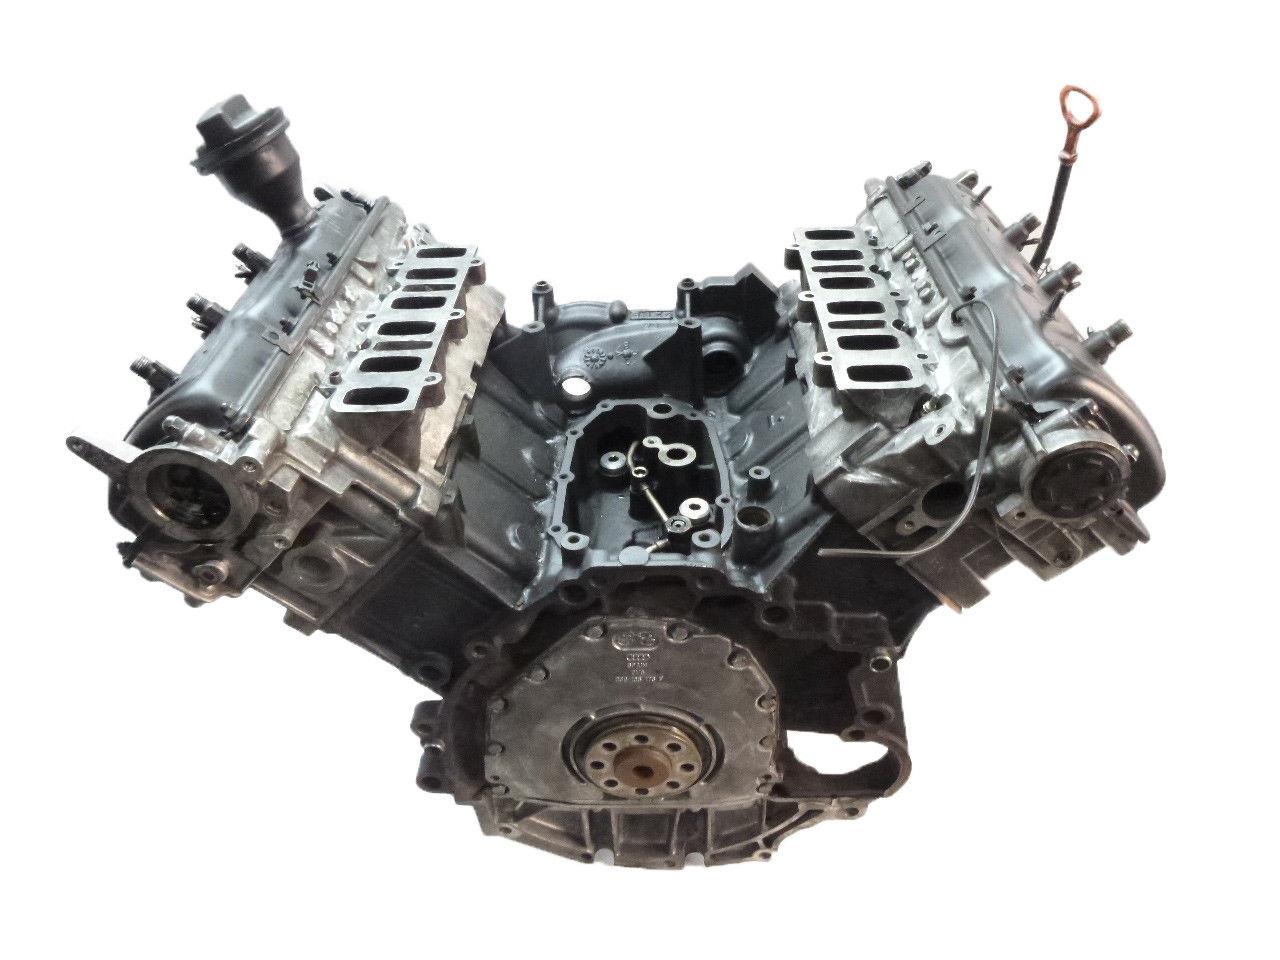 Moteur de Révision de Réparation de Réparation Audi Skoda VW A4 A6 2,5 TDI V6 AFB